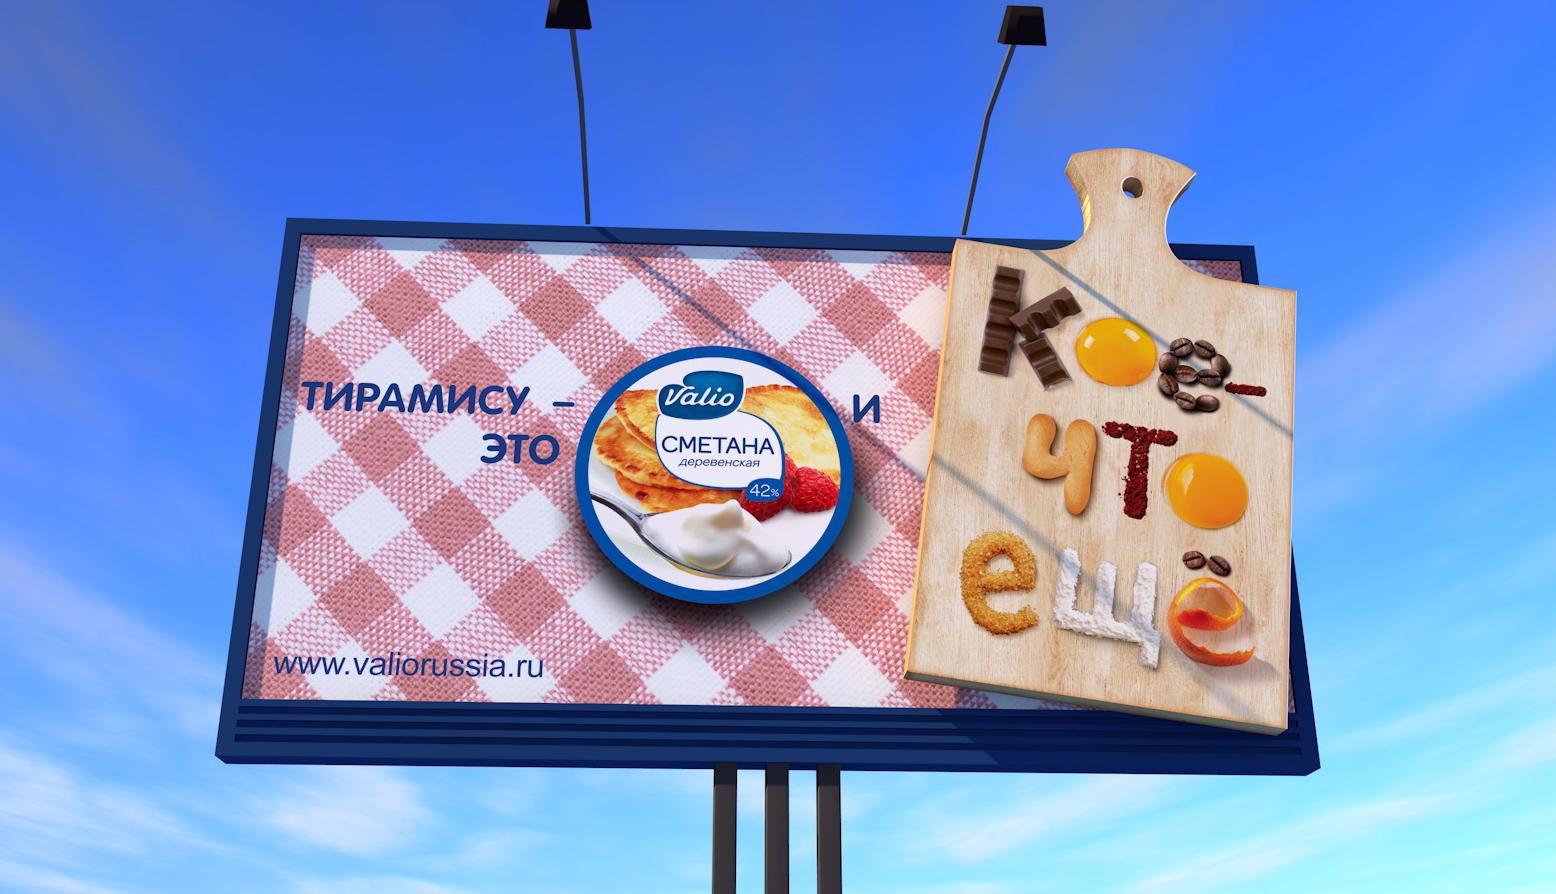 Картинка новой рекламы